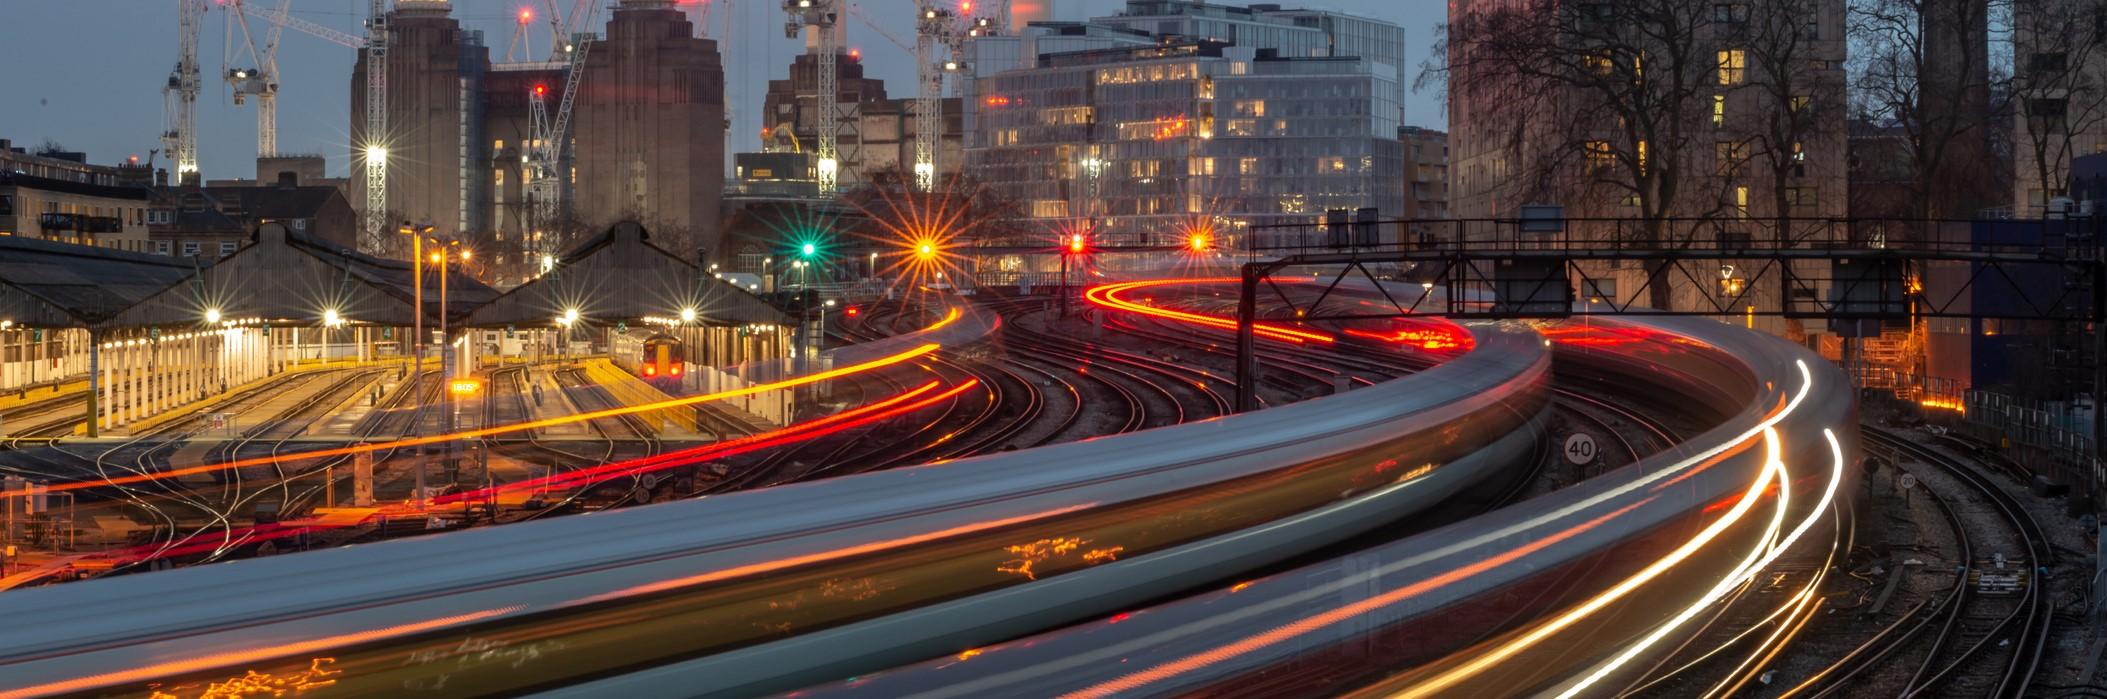 Battersea_Power_Station